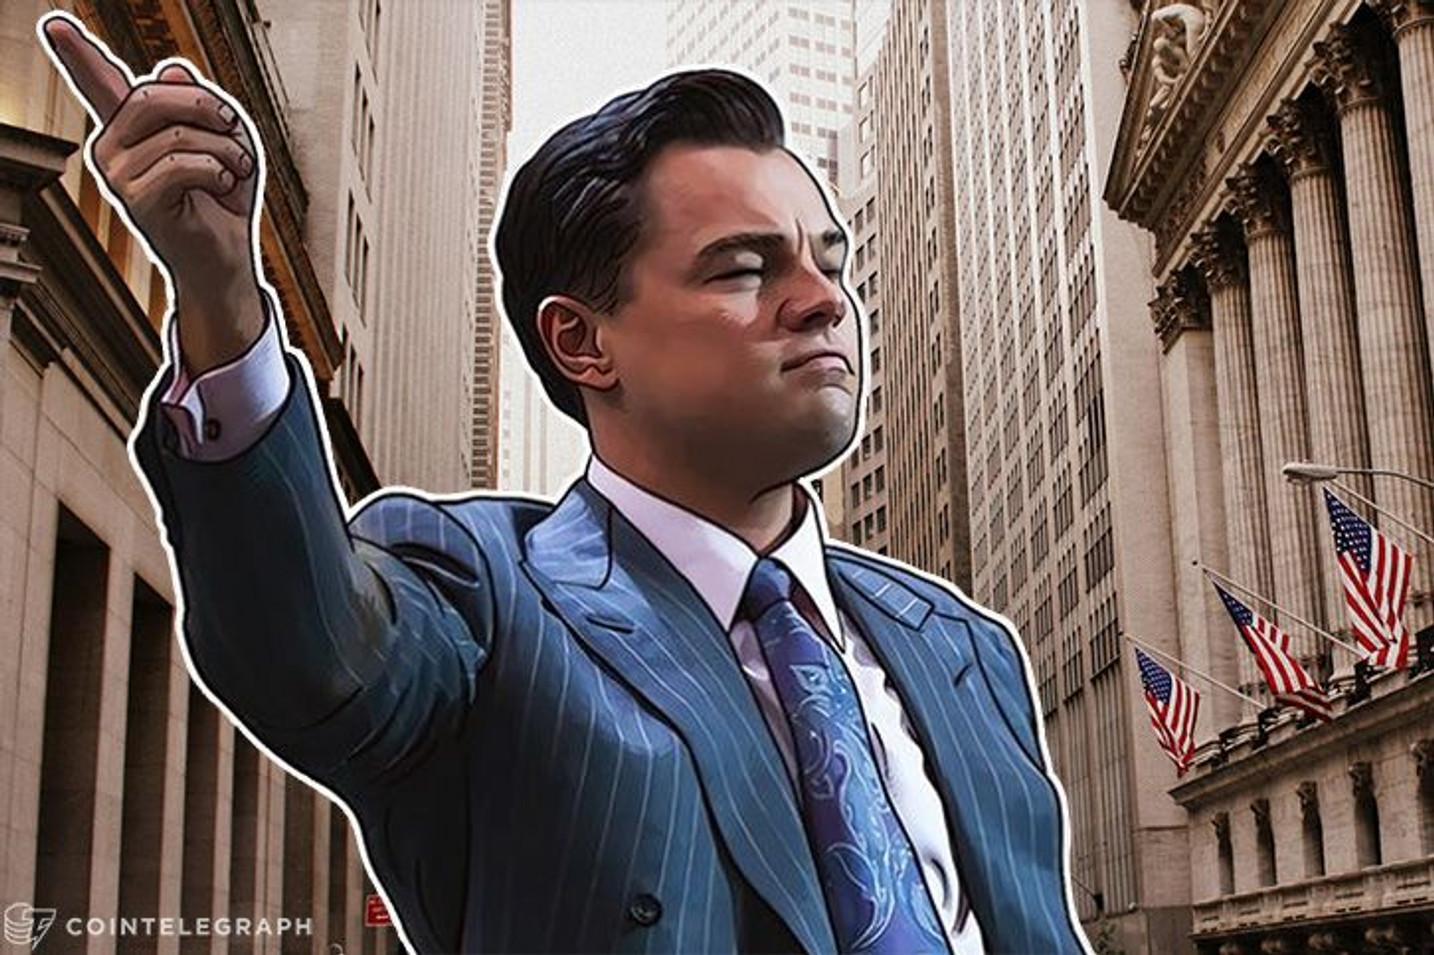 Wall Street Analyst erstellt 'Bitcoin Misery Index' für Händler